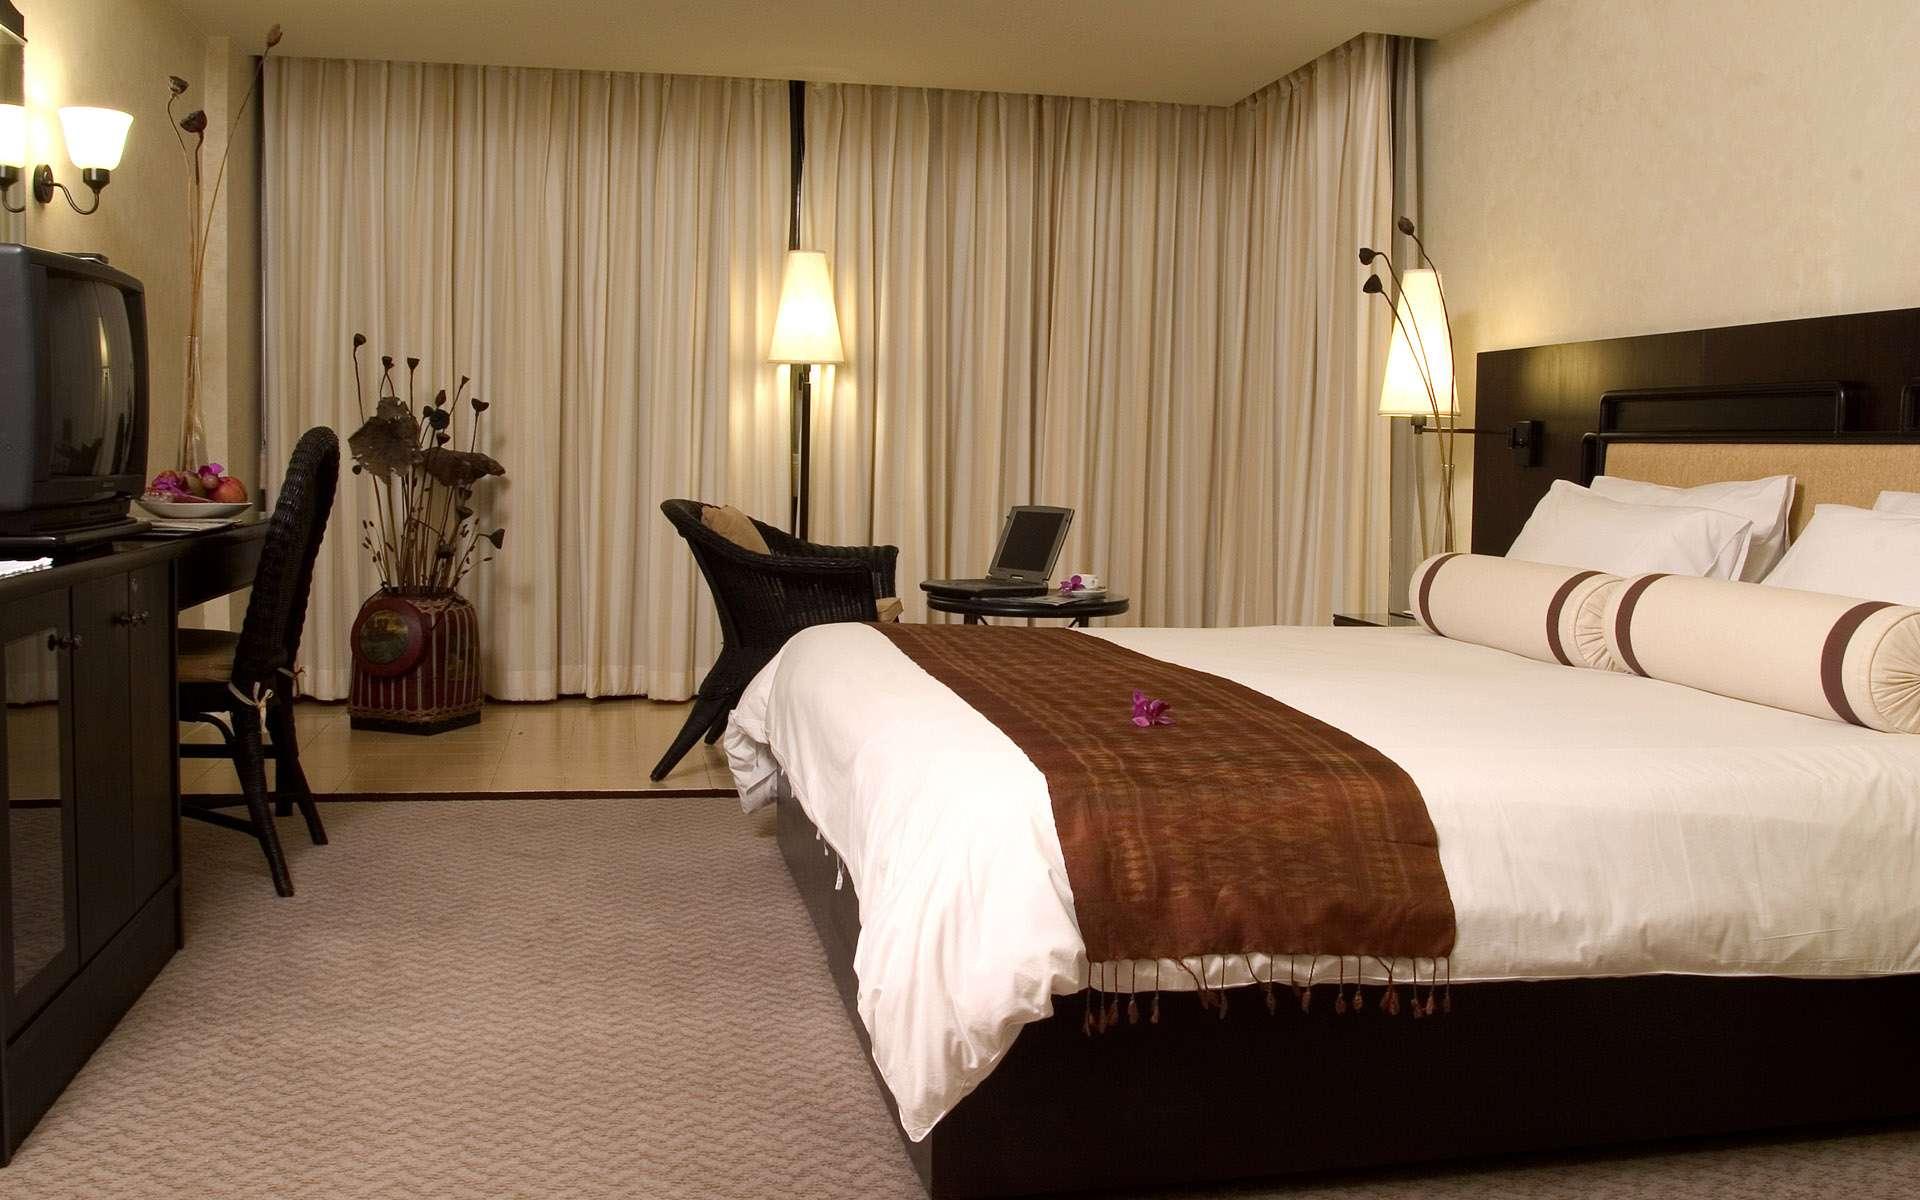 709o مجموعة صور لديكورات غرف نوم 2014 حديثة ومودرن و تركيةوكلاسيكية من أحدث وأجمل وأفخم تشكيلة ديكورات غرف نوم 2014